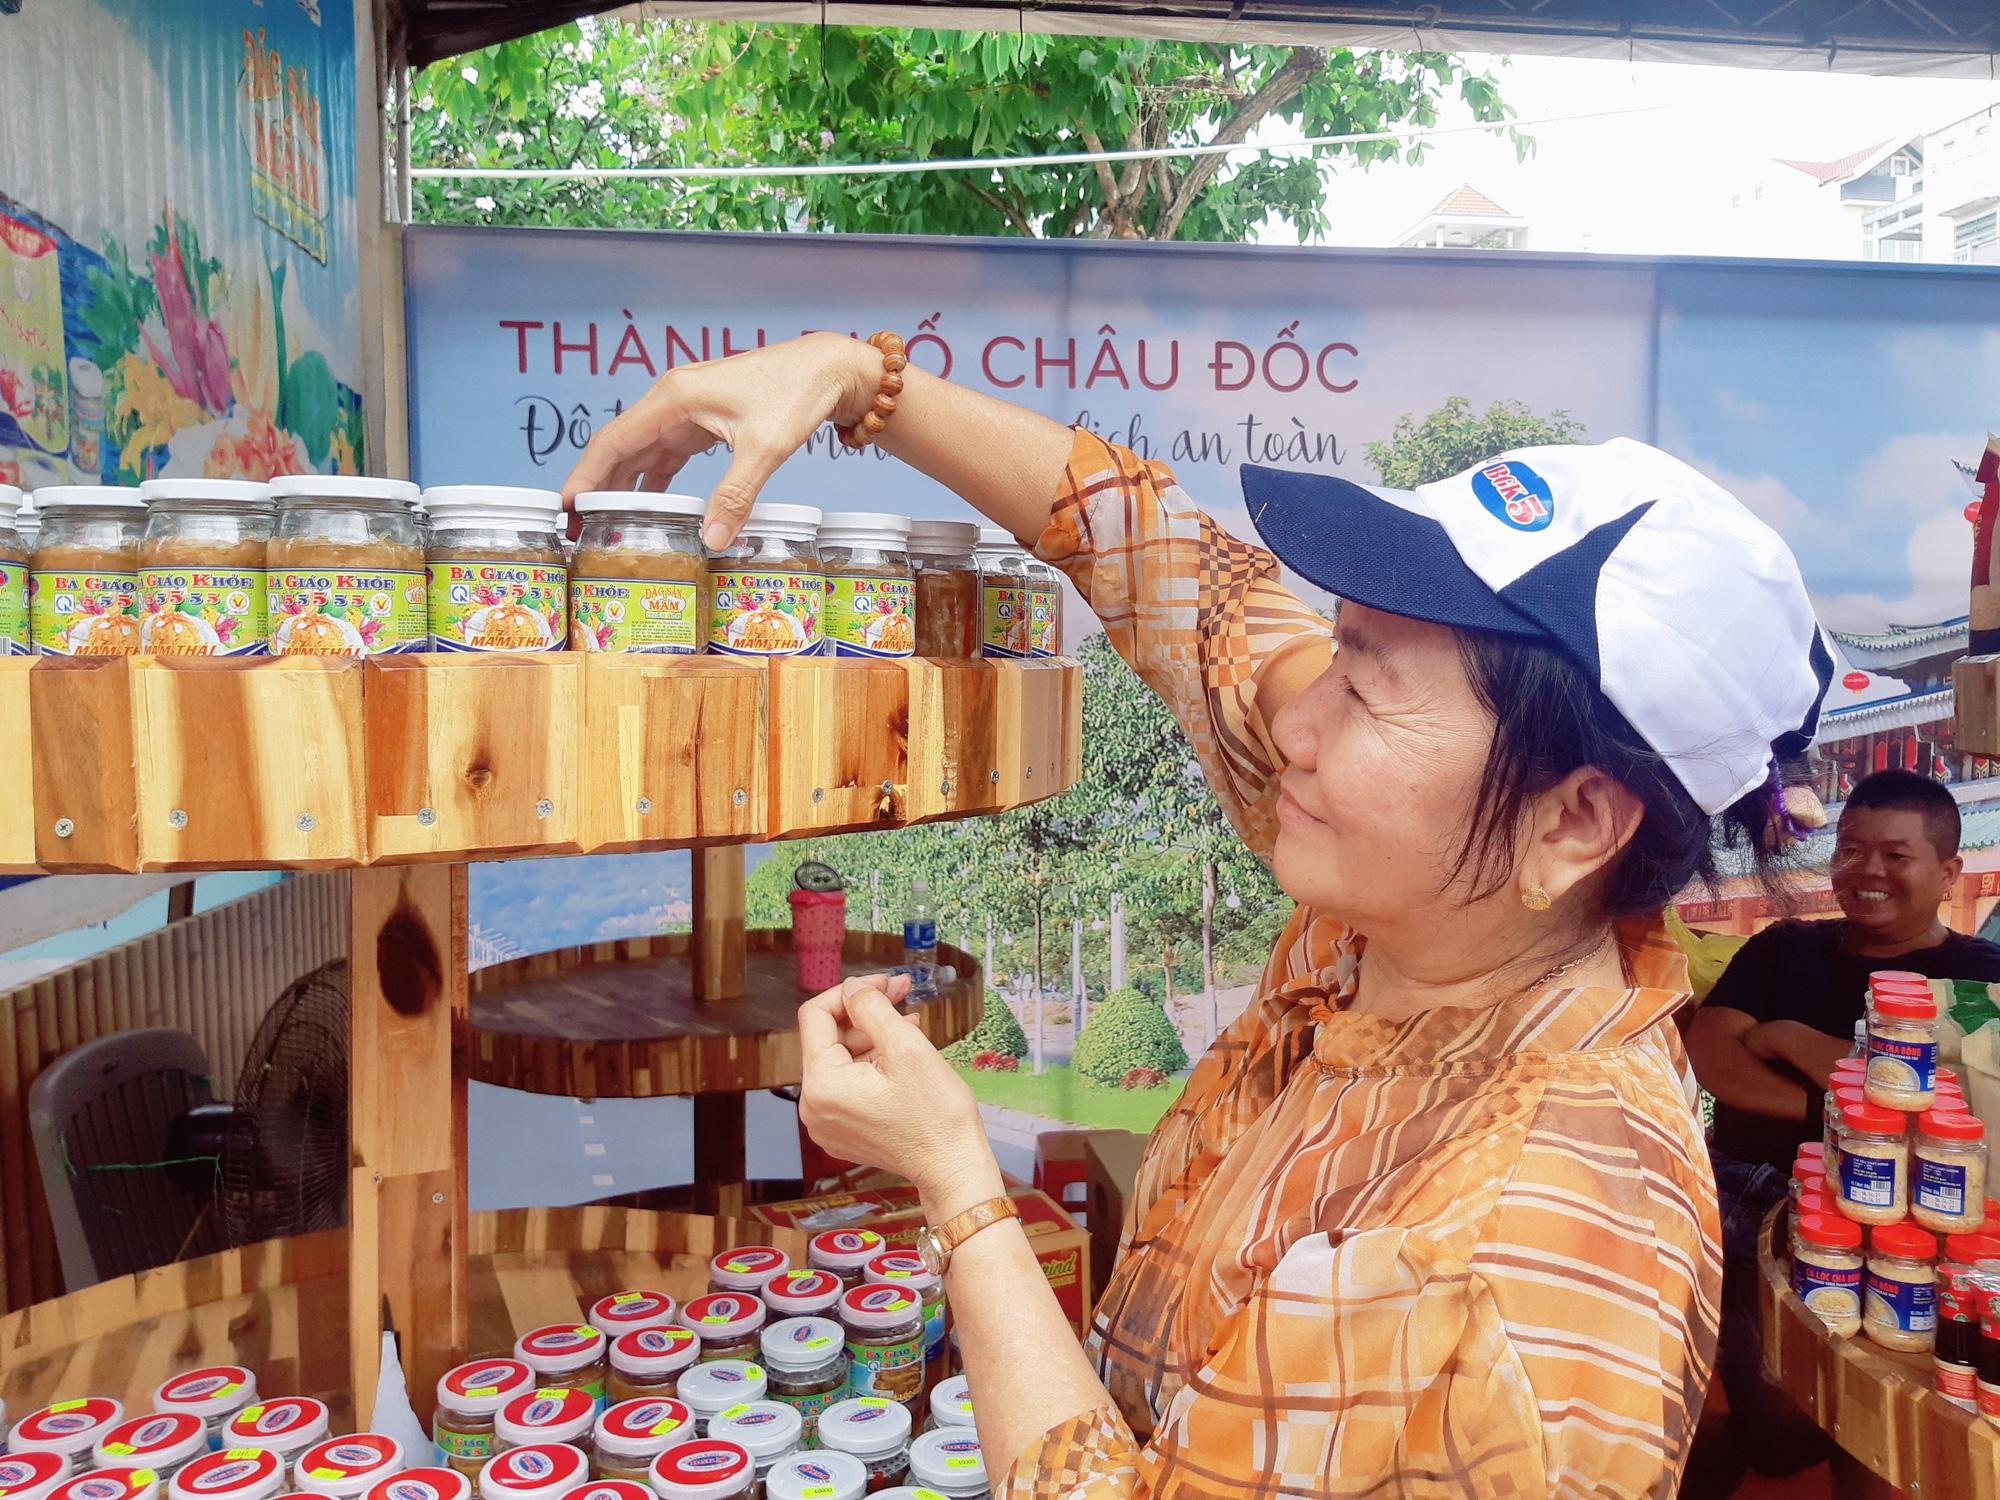 Sản phẩm OCOP 24 tỉnh, thành hội tụ tại Châu Đốc An Giang - Ảnh 5.